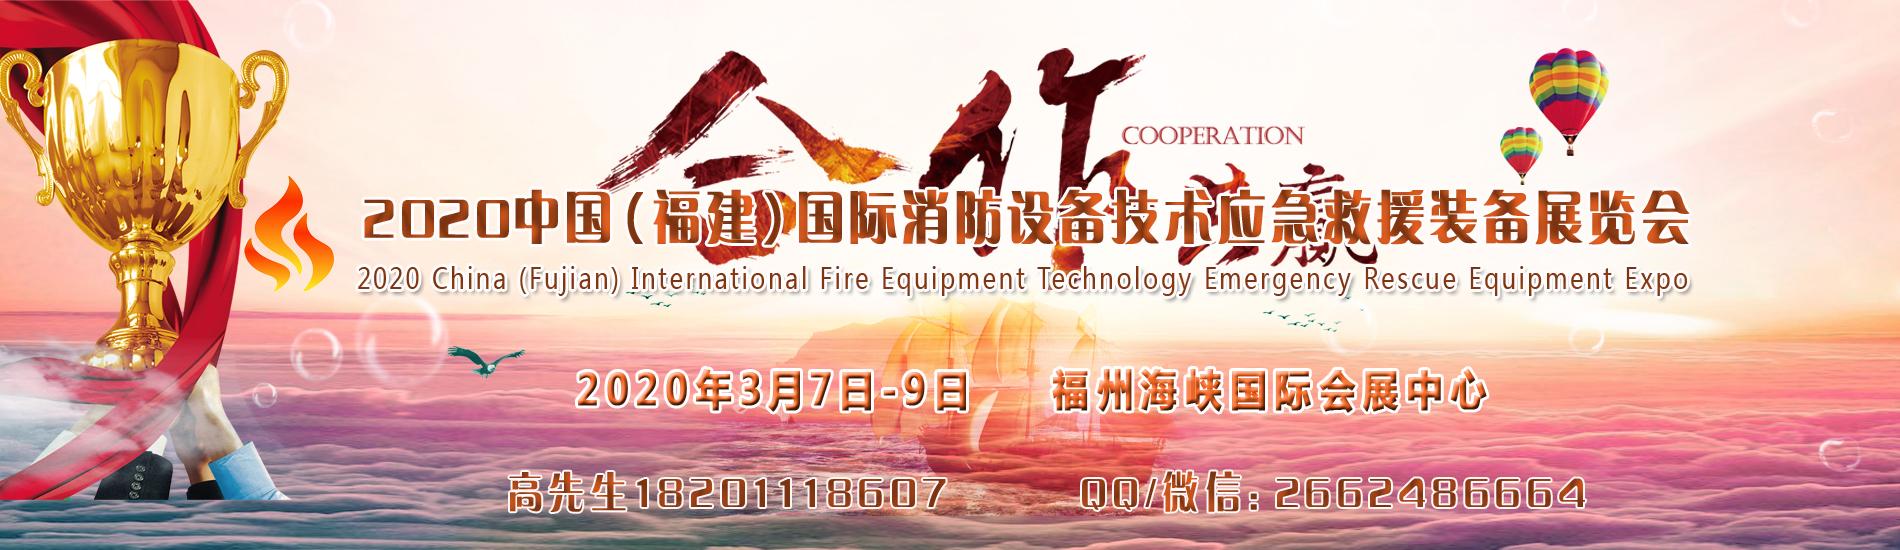 打造华东消防应急第一展2020年福建消防应急设备博览会三月福州举行